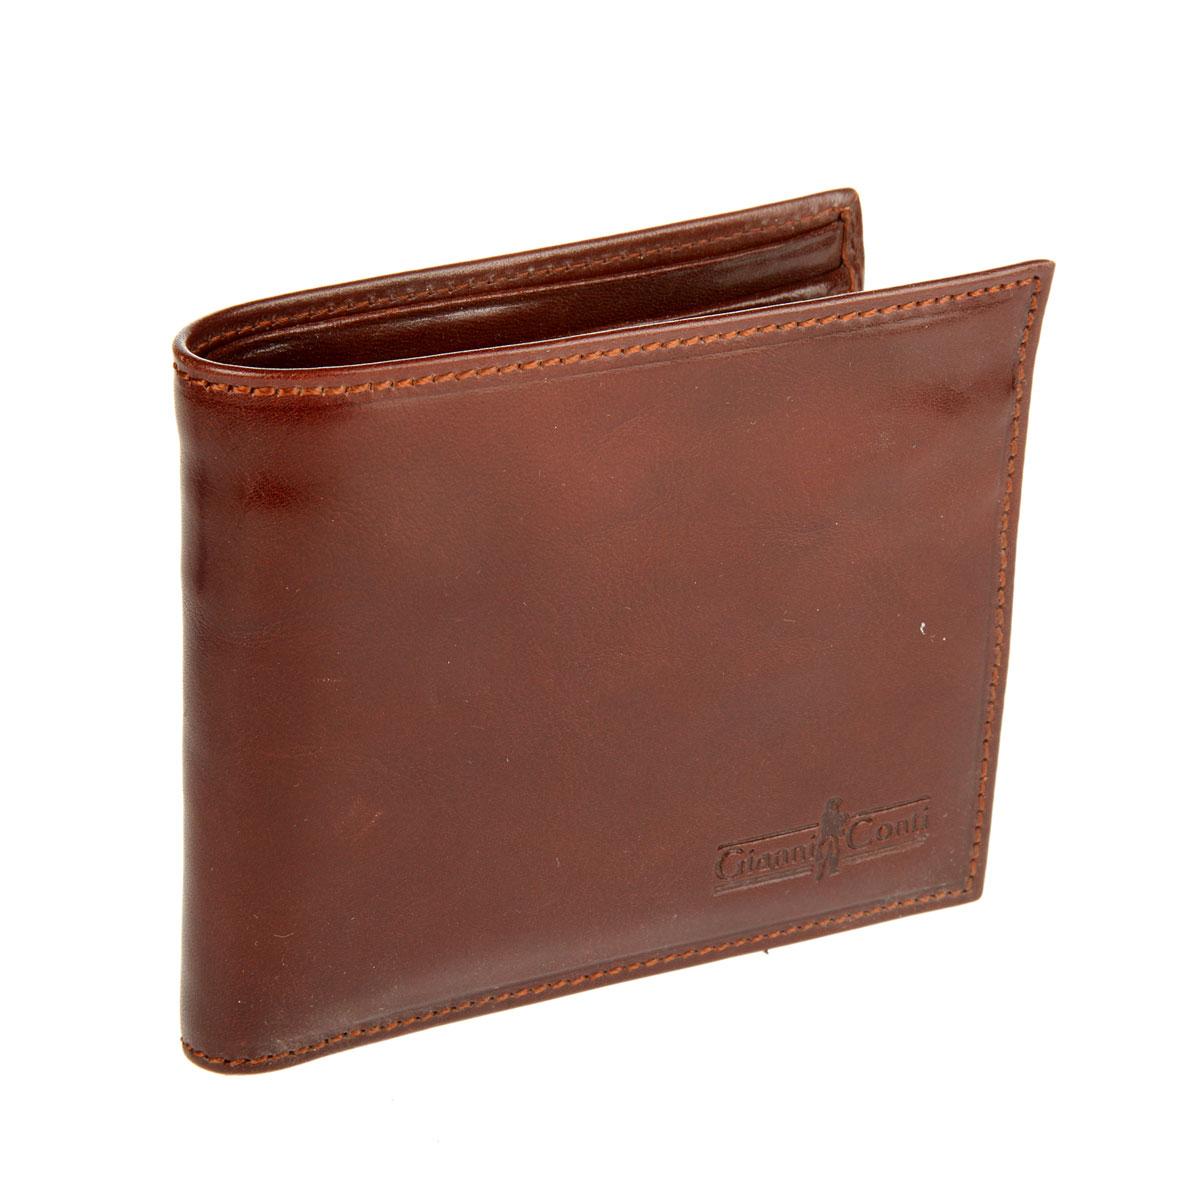 Портмоне мужское Gianni Conti, цвет: коричневый. 907057907057 brownСтильное мужское портмоне Gianni Conti выполнено из гладкой натуральной кожи. Лицевая сторона дополнена тиснением с названием бренда. Портмоне не имеет застежки. Внутри расположено 3 отделения для купюр, одно из них закрывается на молнию, отделение для монет на застежке-кнопке, кармашек для sim-карты, 5 боковых карманов, сетчатое отделение для фото и 7 кармашков для кредитных карт и визиток. Gianni Conti сделает ваш образ ярким и выразительным. При изготовлении аксессуаров используются самые современные технологии и дизайнерские новинки, которые удовлетворят самый изысканный вкус.